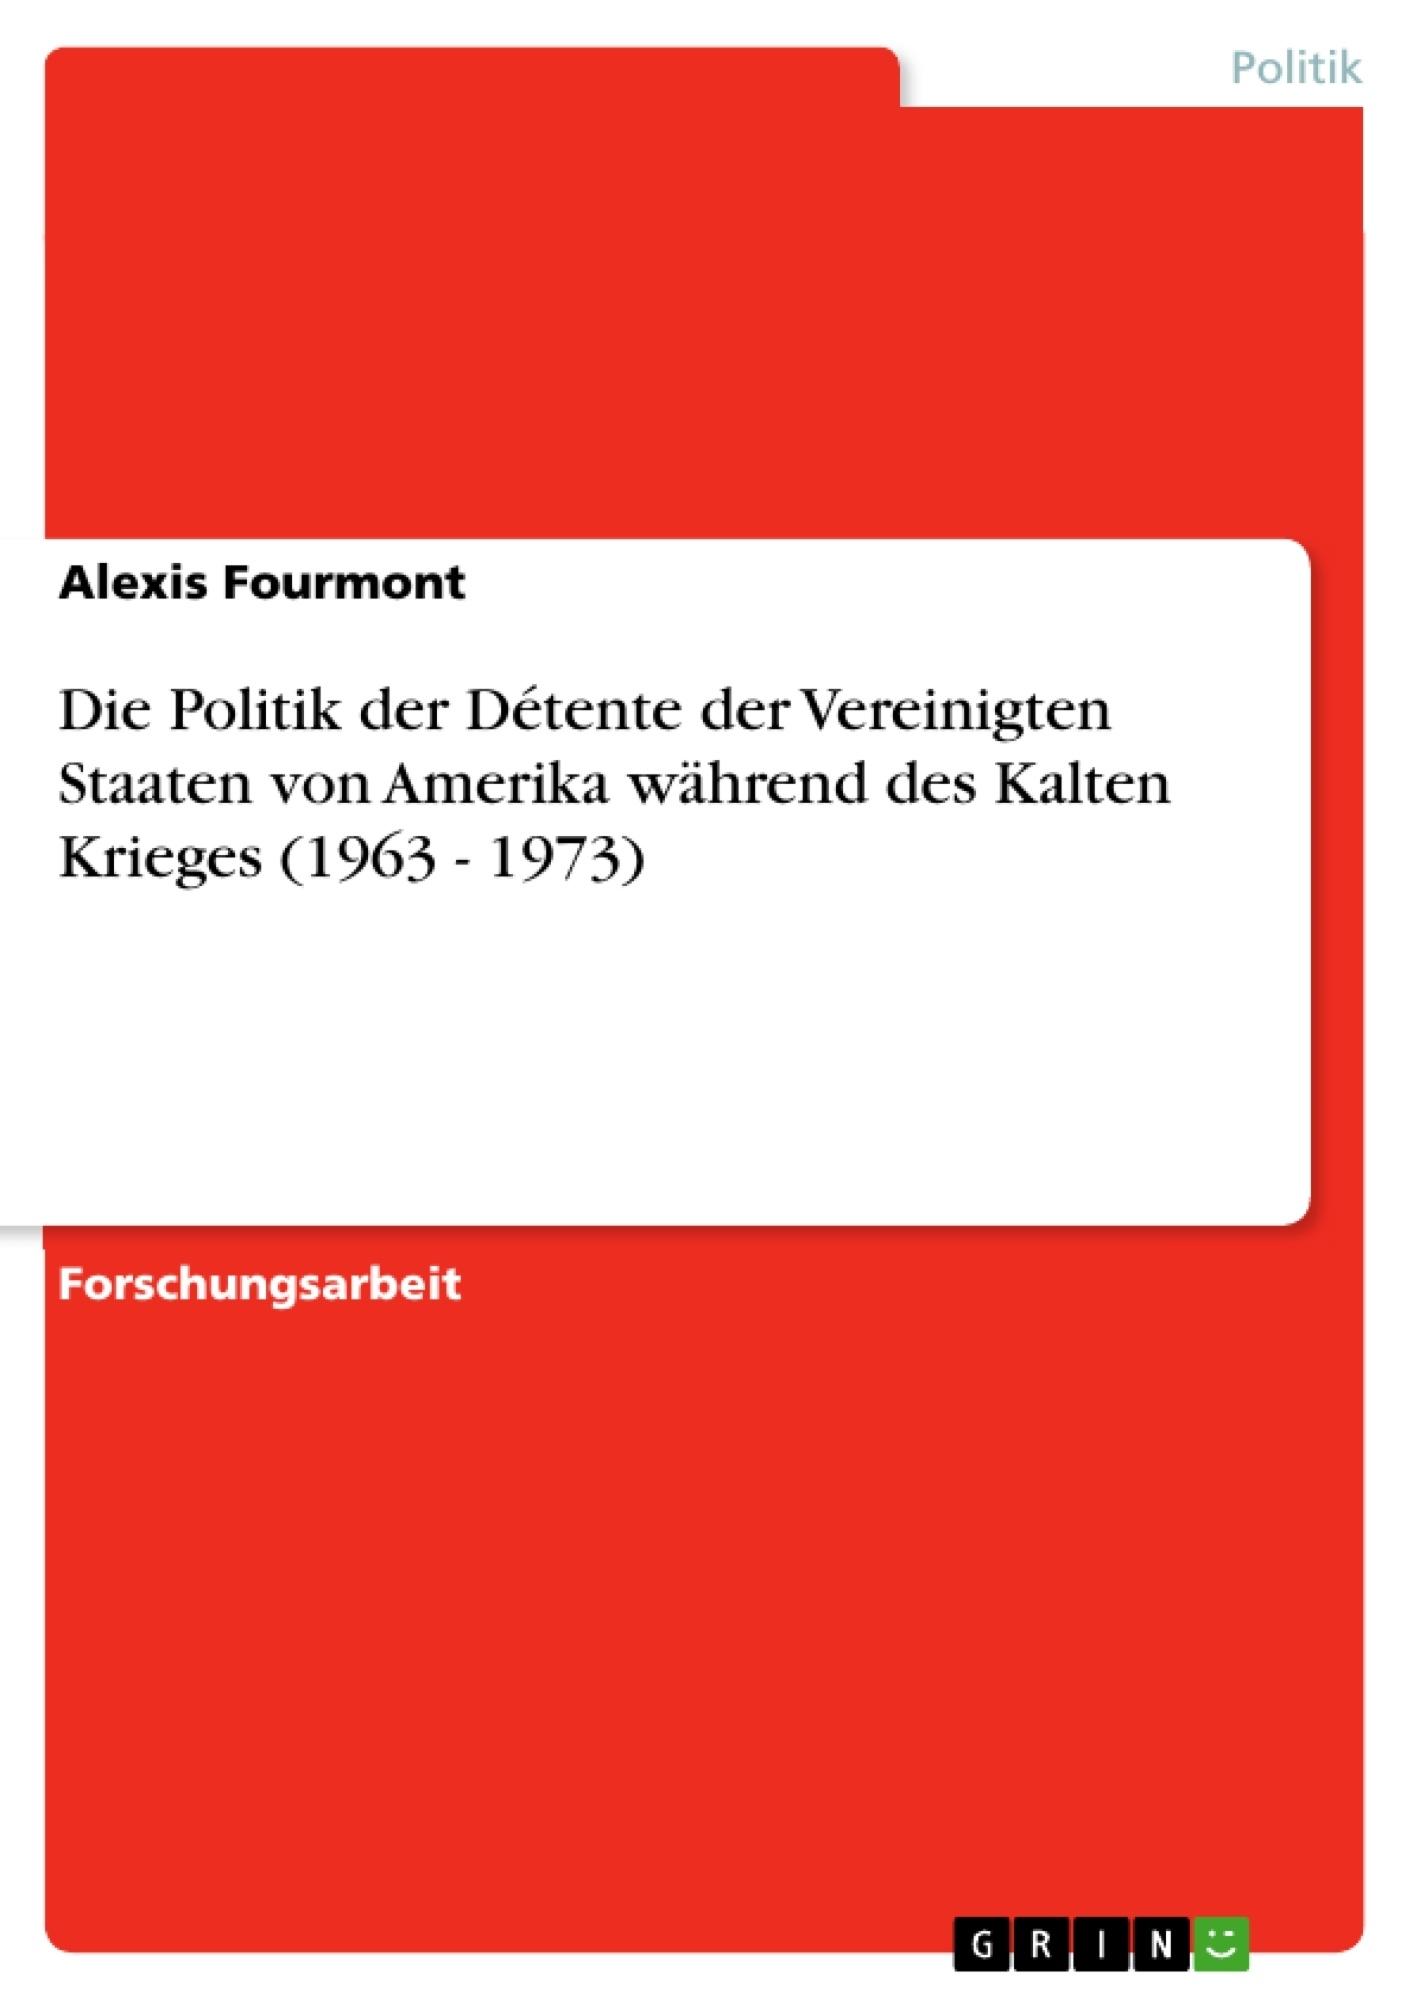 Titel: Die Politik der Détente der Vereinigten Staaten von Amerika während des Kalten Krieges (1963 - 1973)